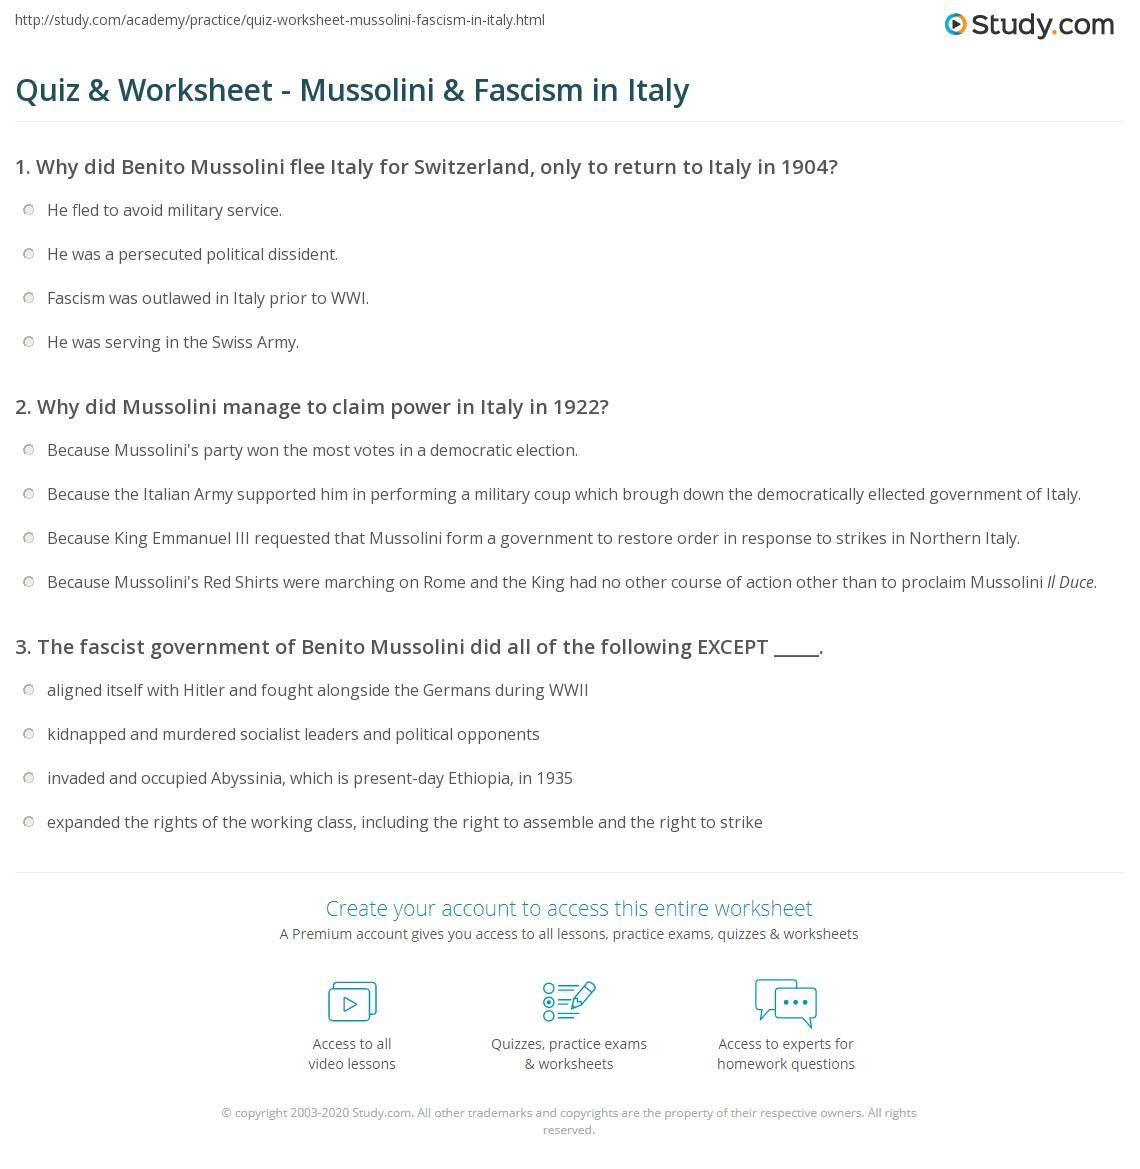 Quiz Worksheet Mussolini Fascism In Italy Study